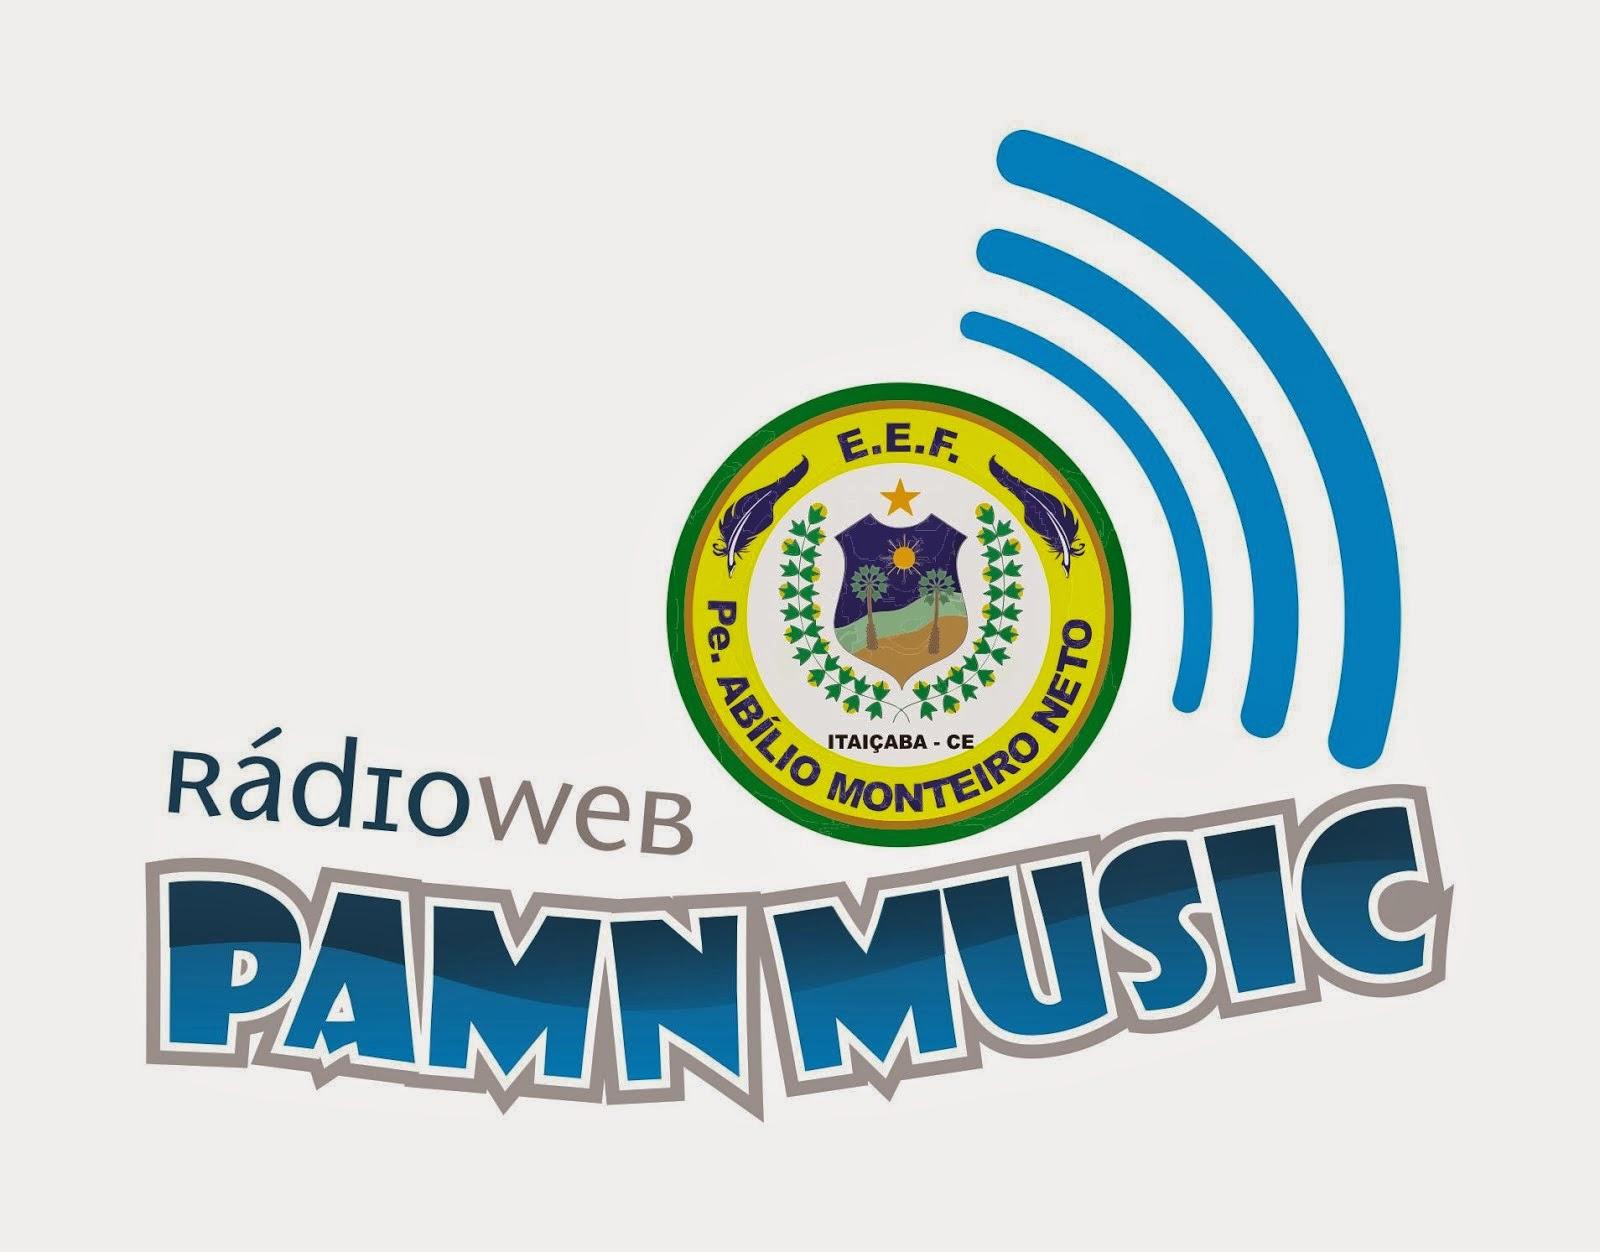 ouça nossa Rádio na internet, celular ou tablet, basta ter acesso a internet, estamos em testes